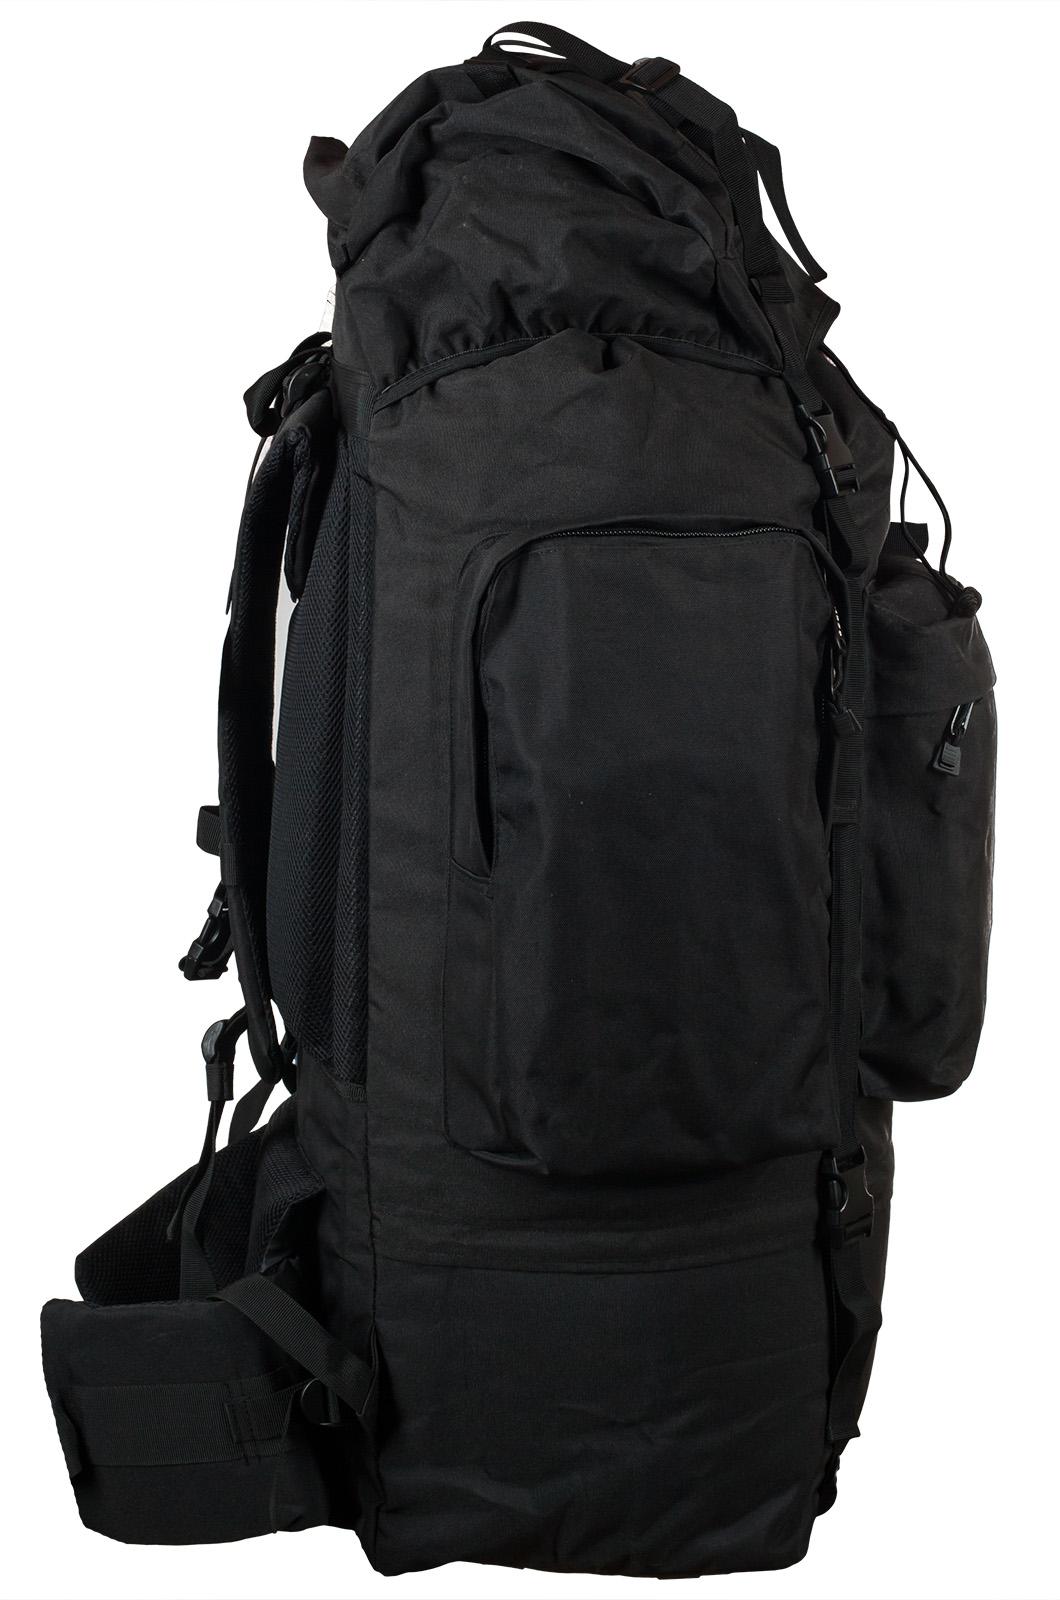 Черный тактический рюкзак с нашивкой Погранслужбы - купить в розницу